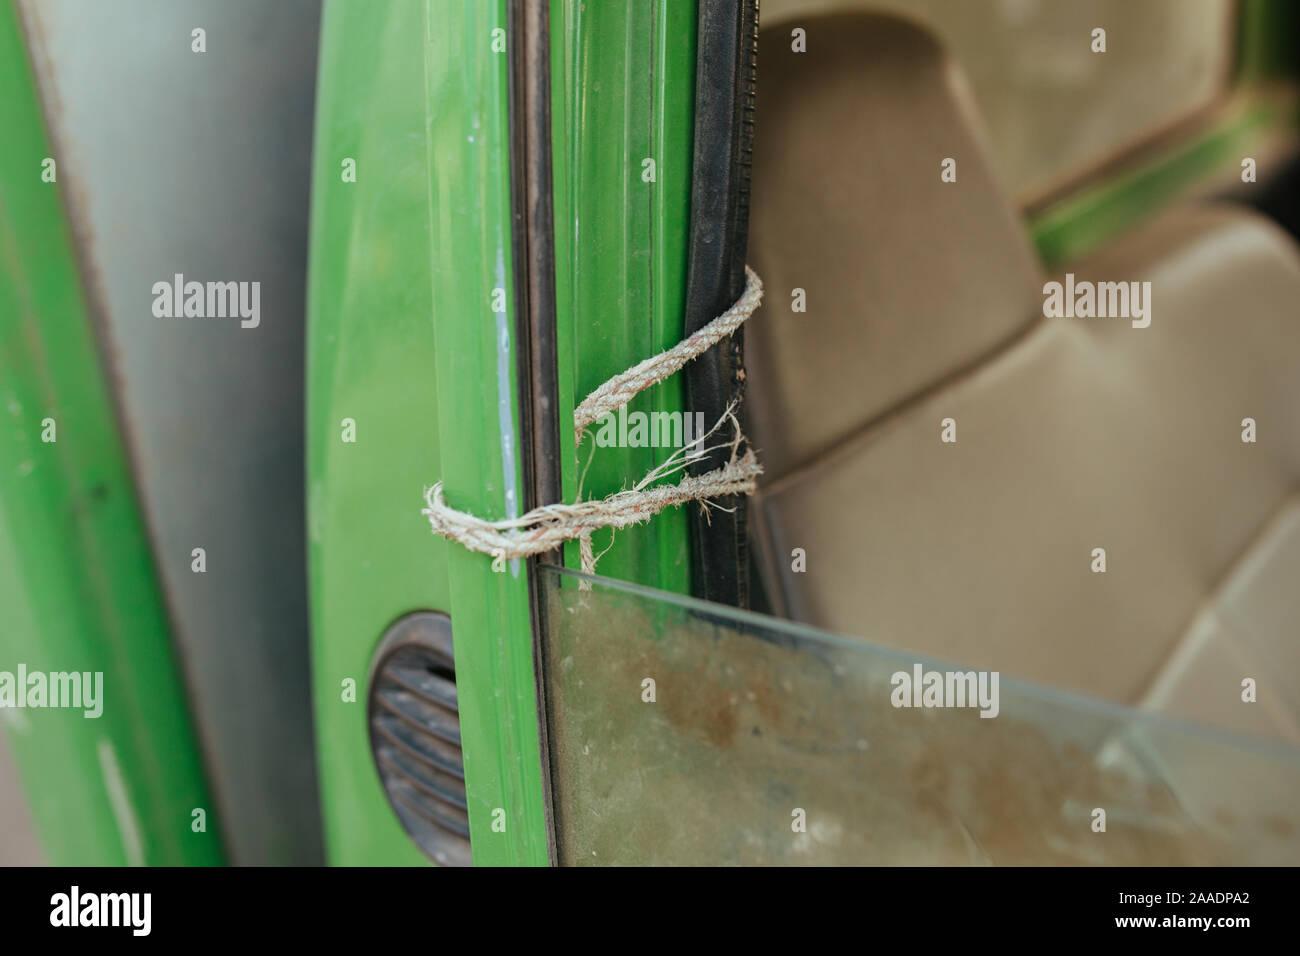 Vieille voiture rouillée et cassée en été Asie Banque D'Images